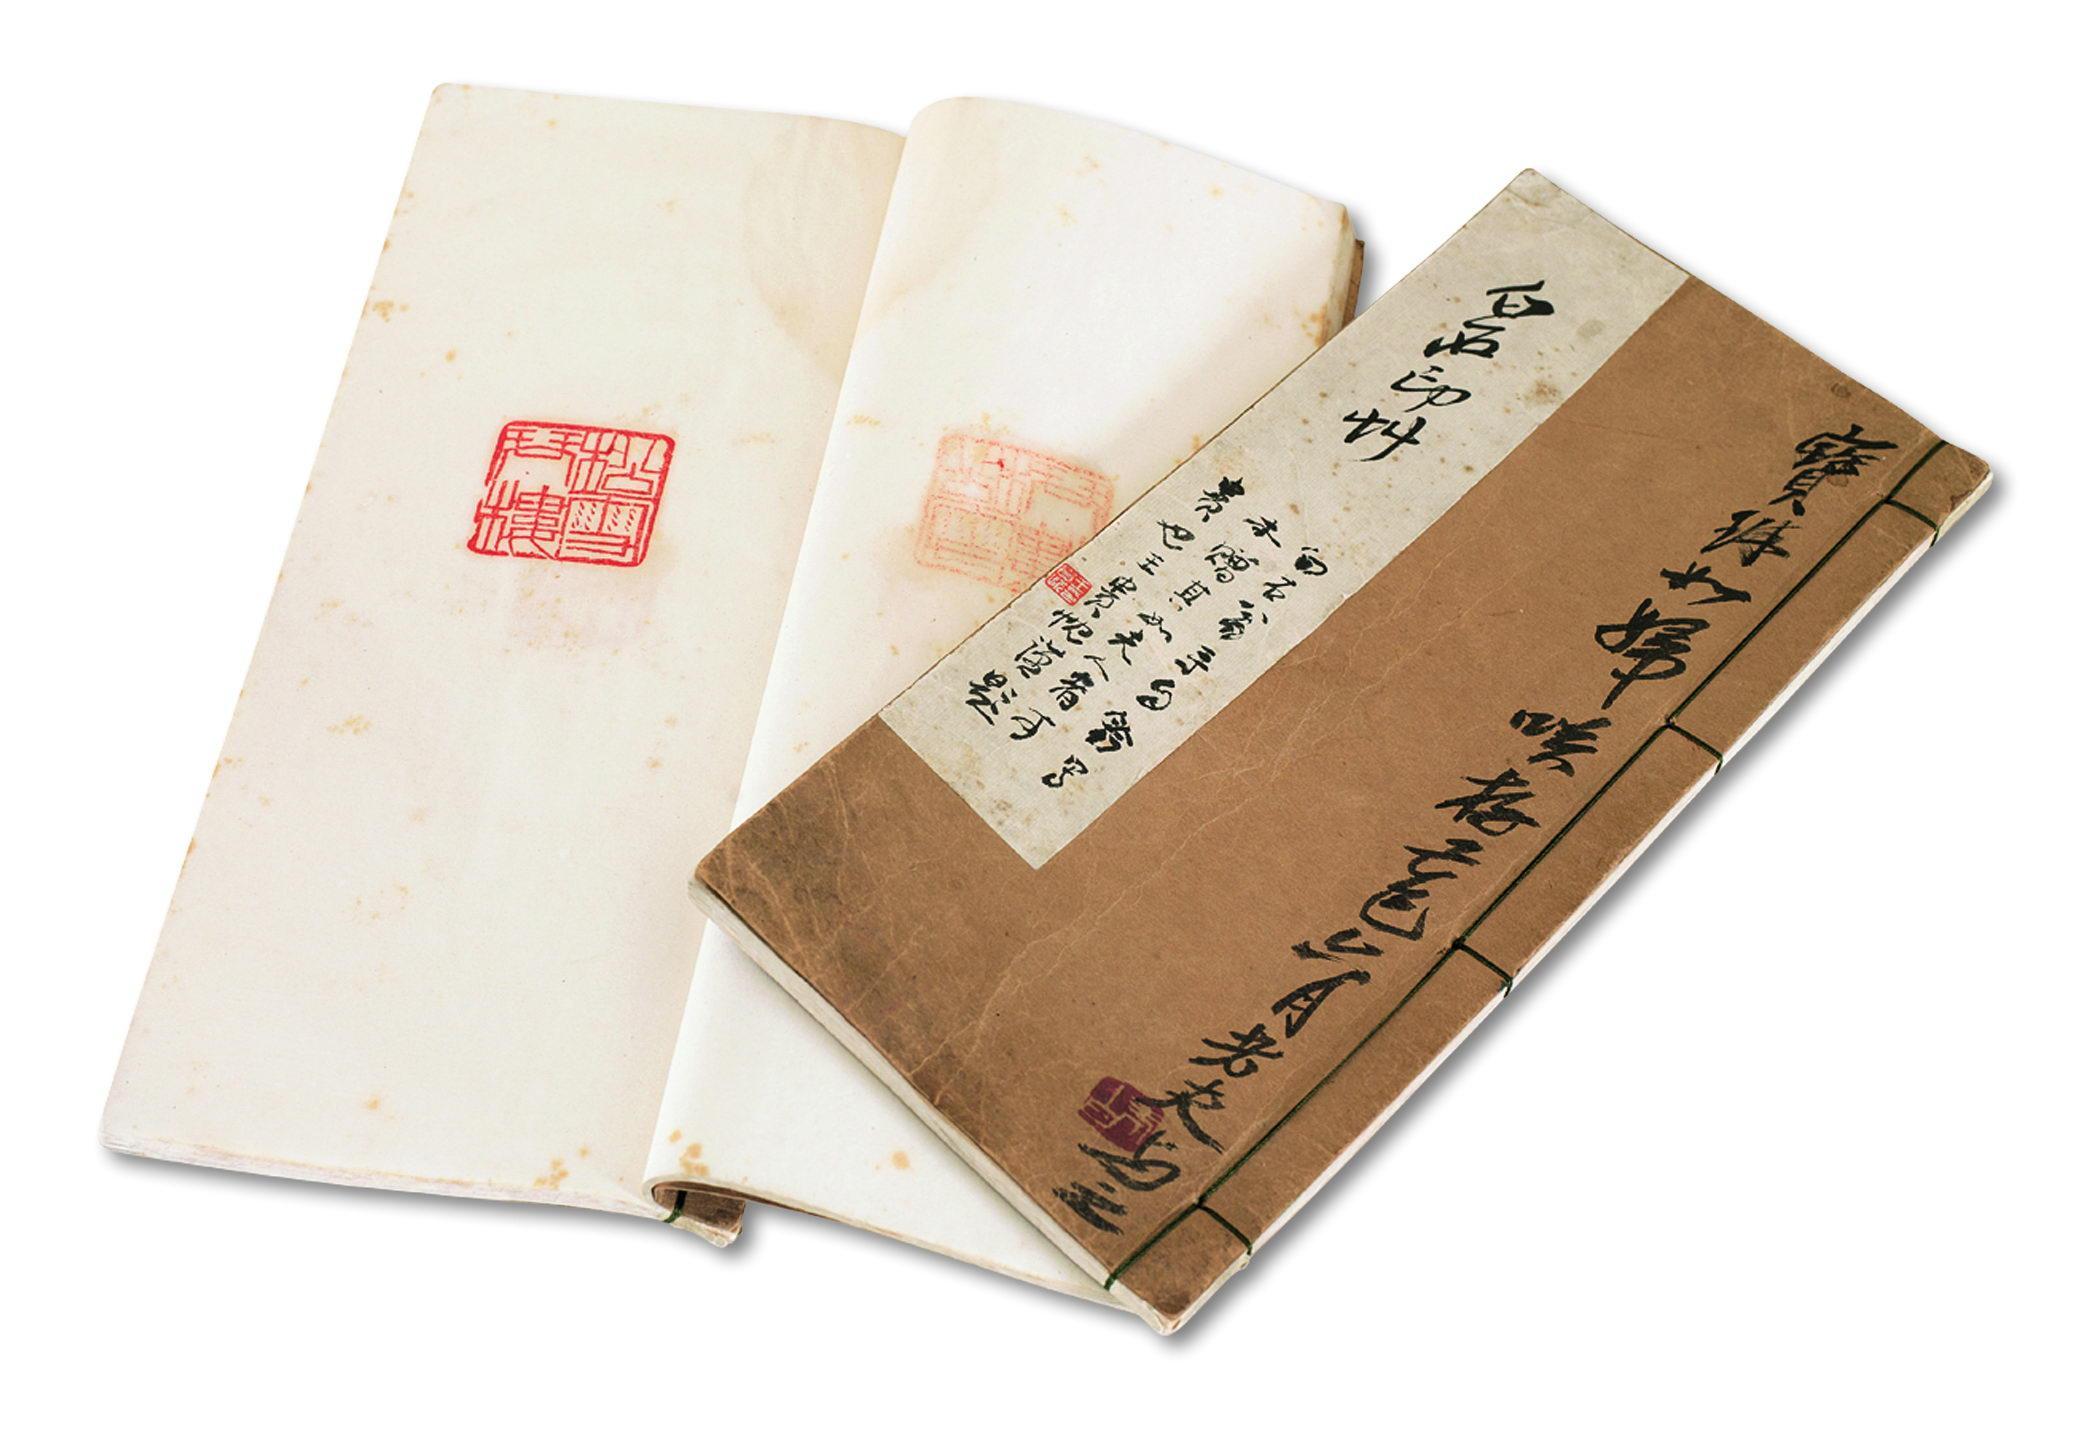 原函线装《白石印草》两册